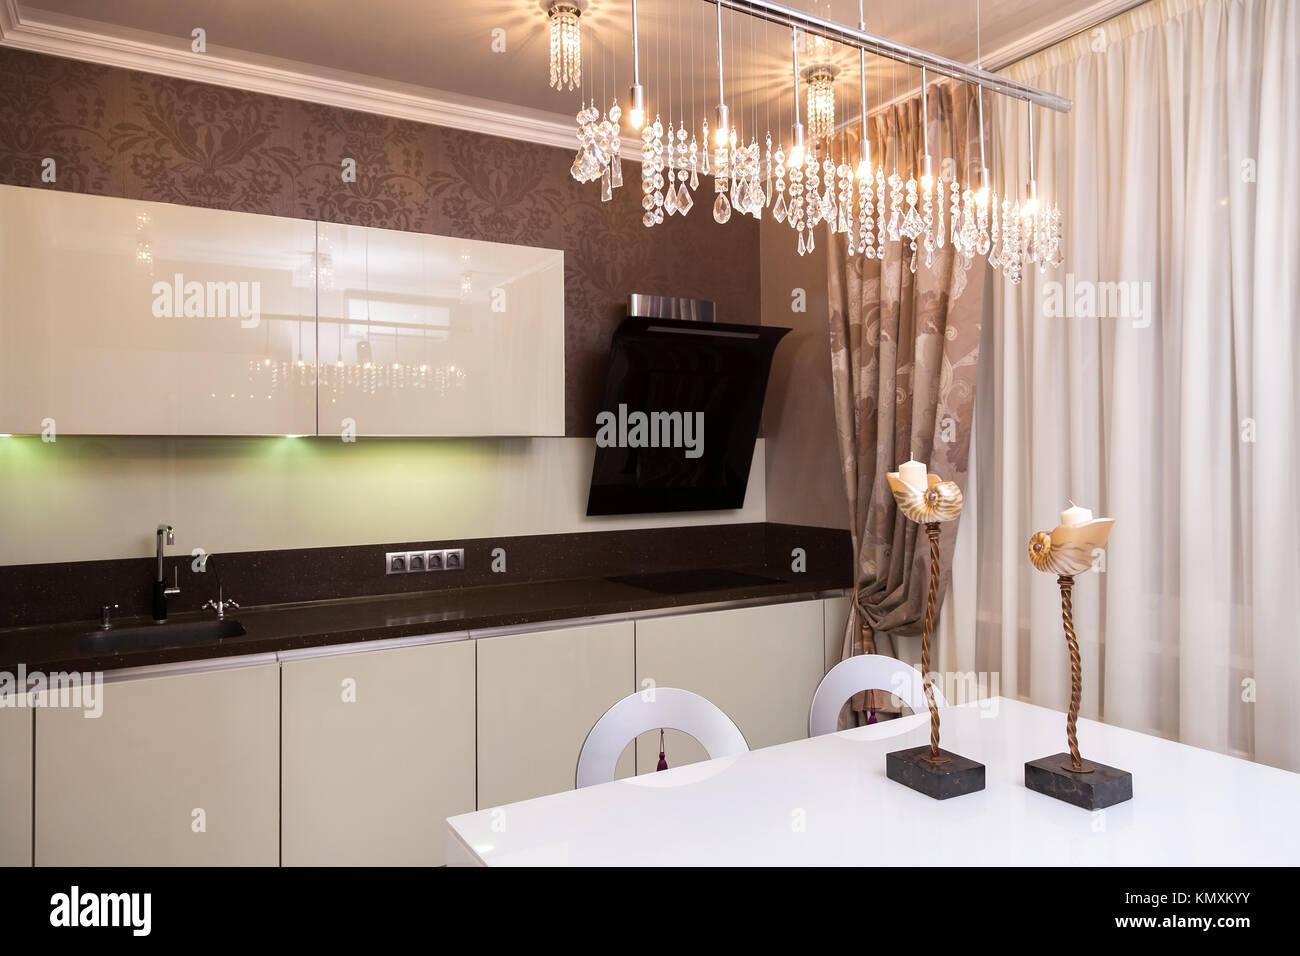 Moderna cucina bella toni di marrone e beige in stile hi-tech Foto ...